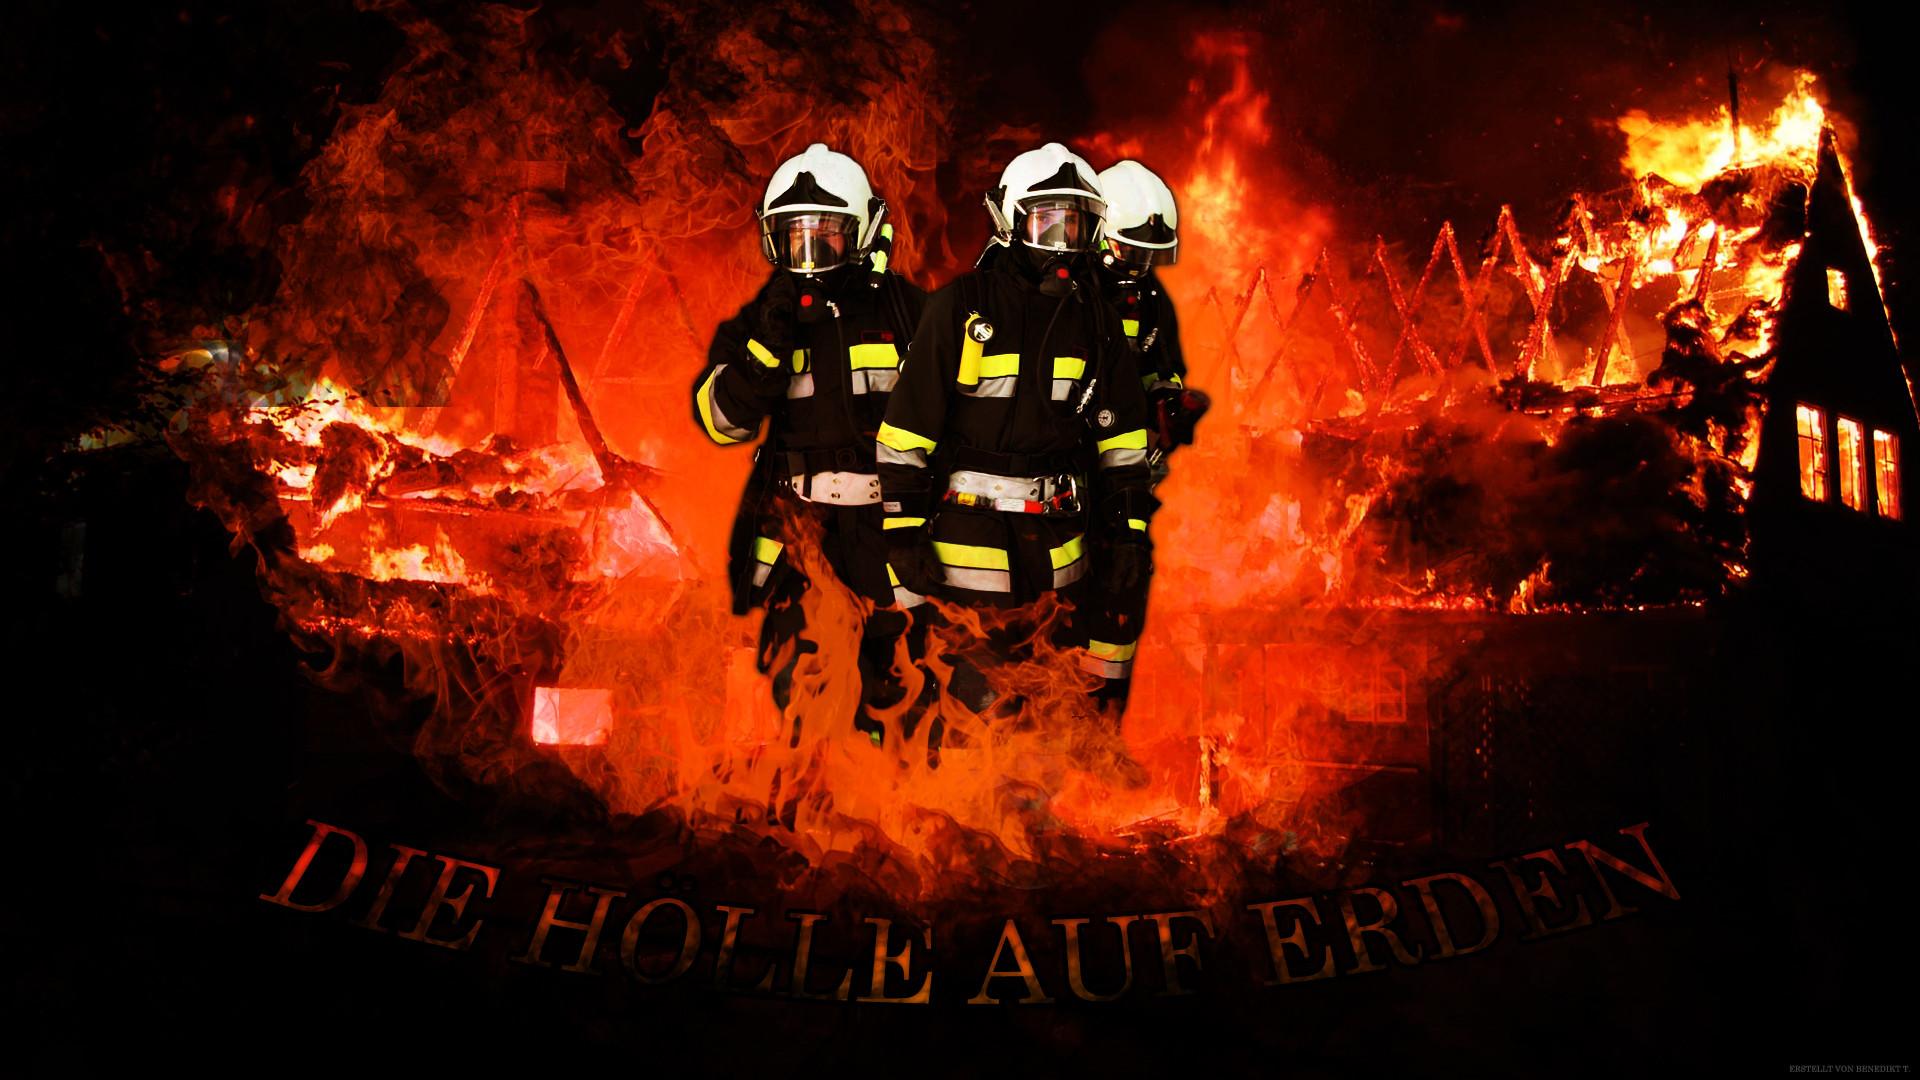 Firefighter Germany – Wallpaper (Feuerwehr) by DeNite93 on DeviantArt